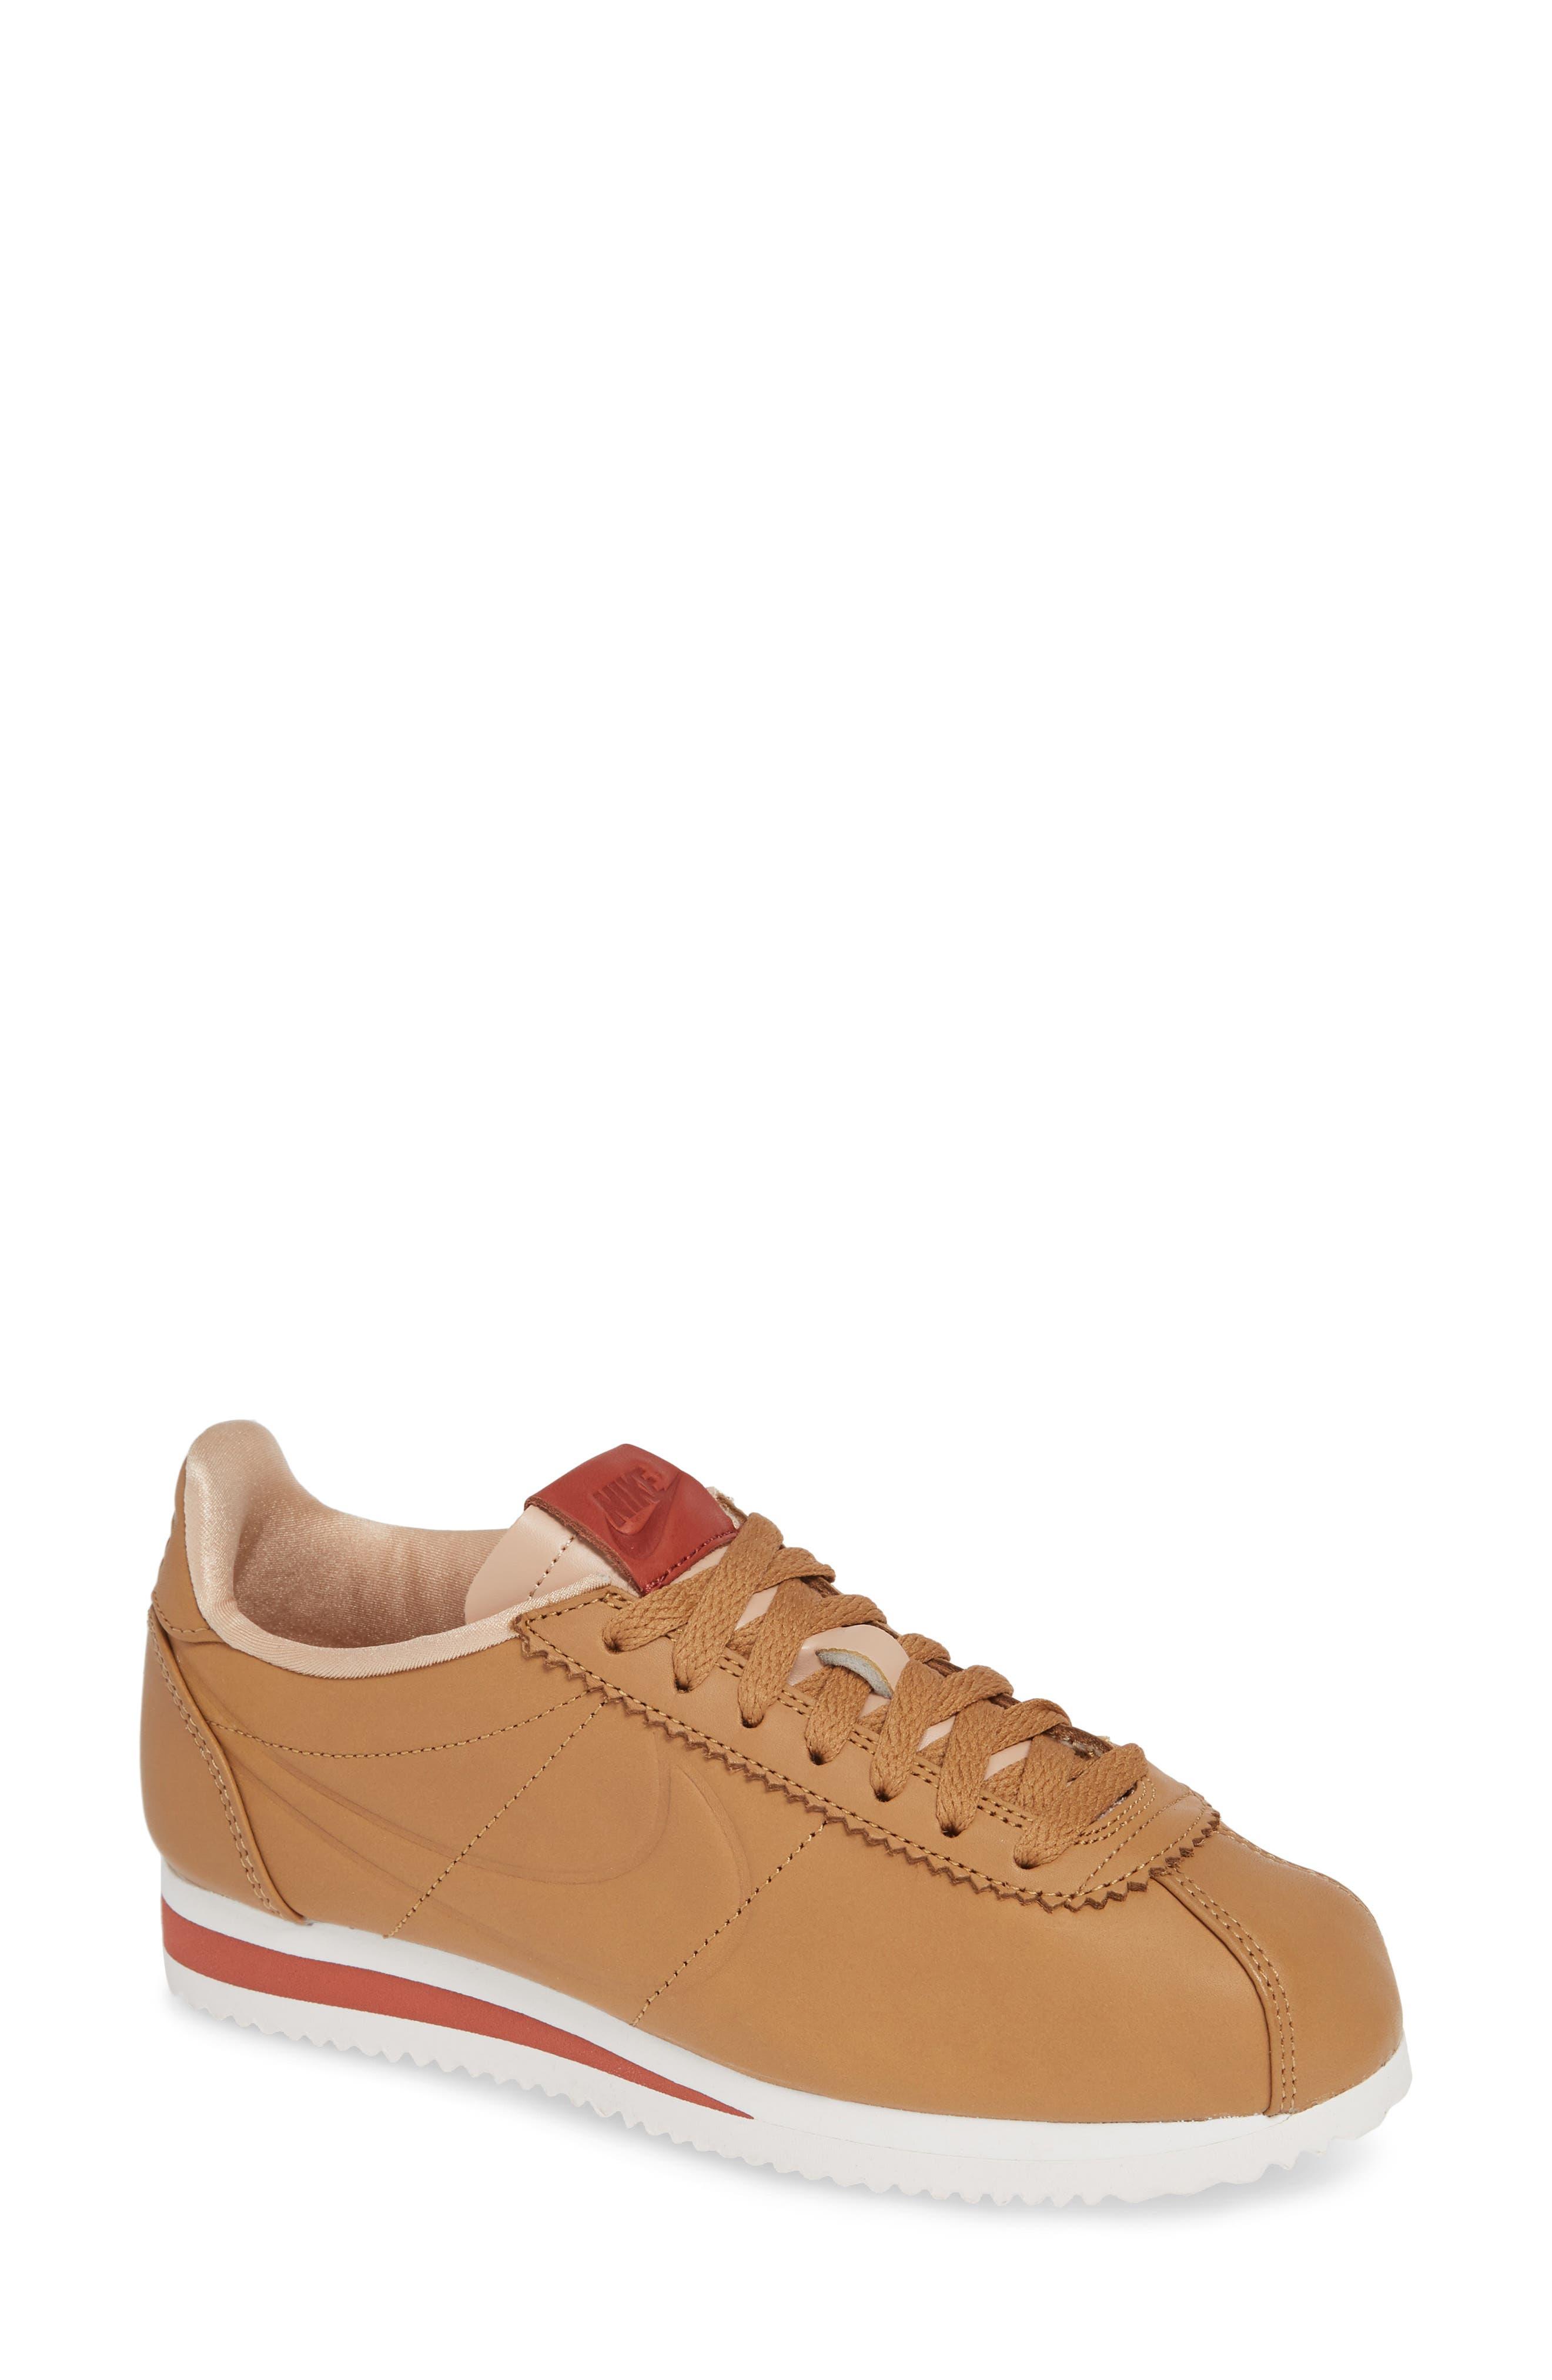 LA Cortez x Maria Sharapova Premium Sneaker, Main, color, 200